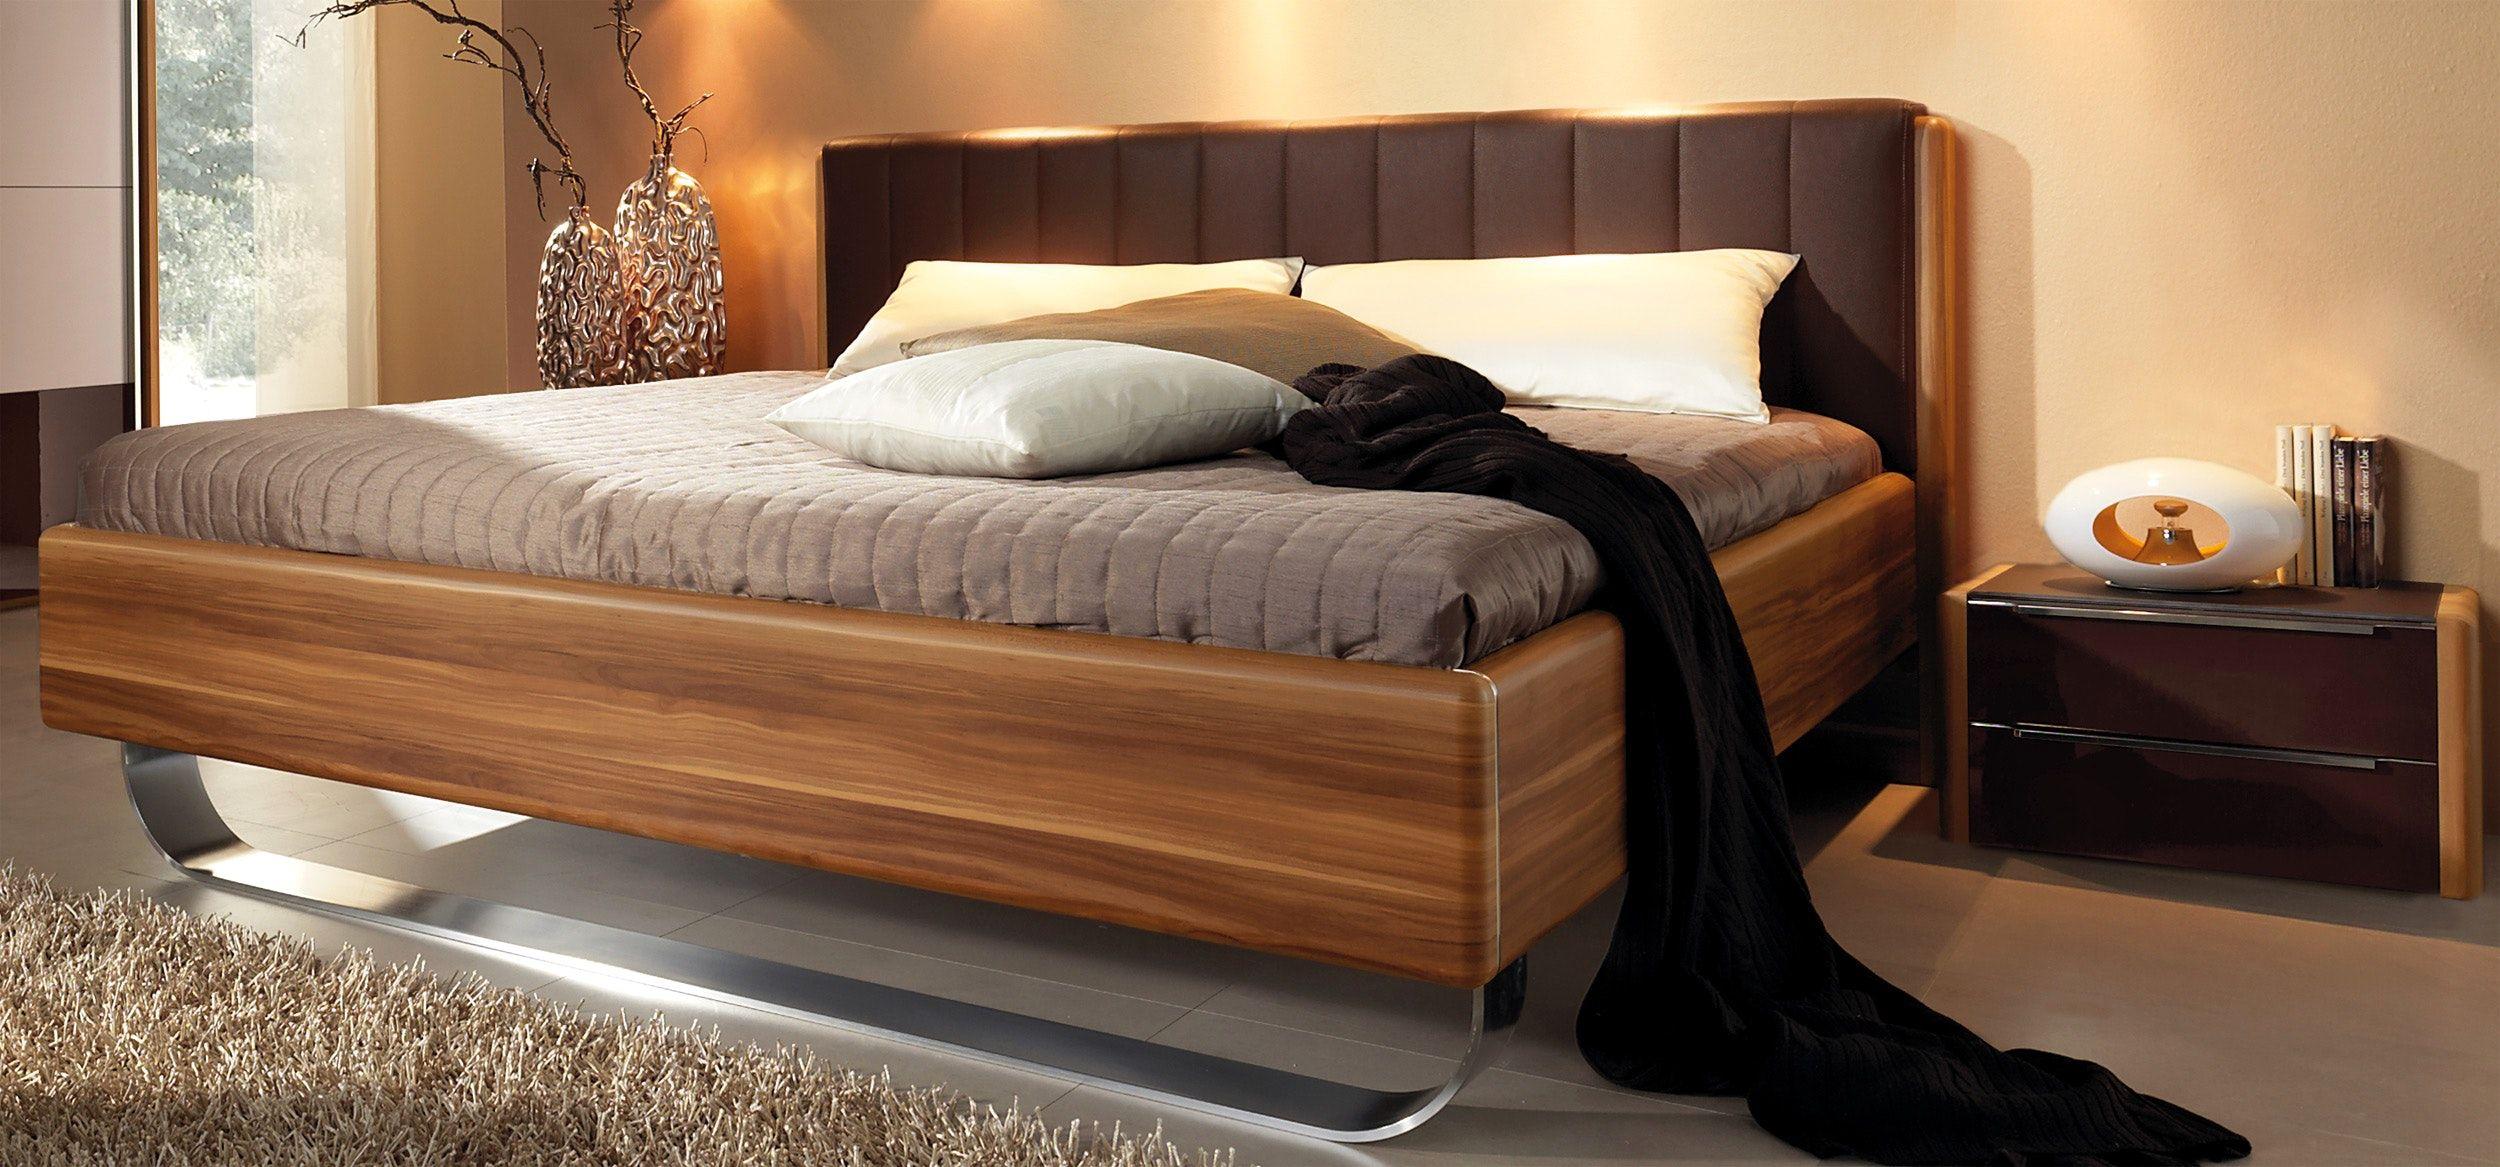 Billig schlafzimmer komplett bett 200x200 | Deutsche Deko ...